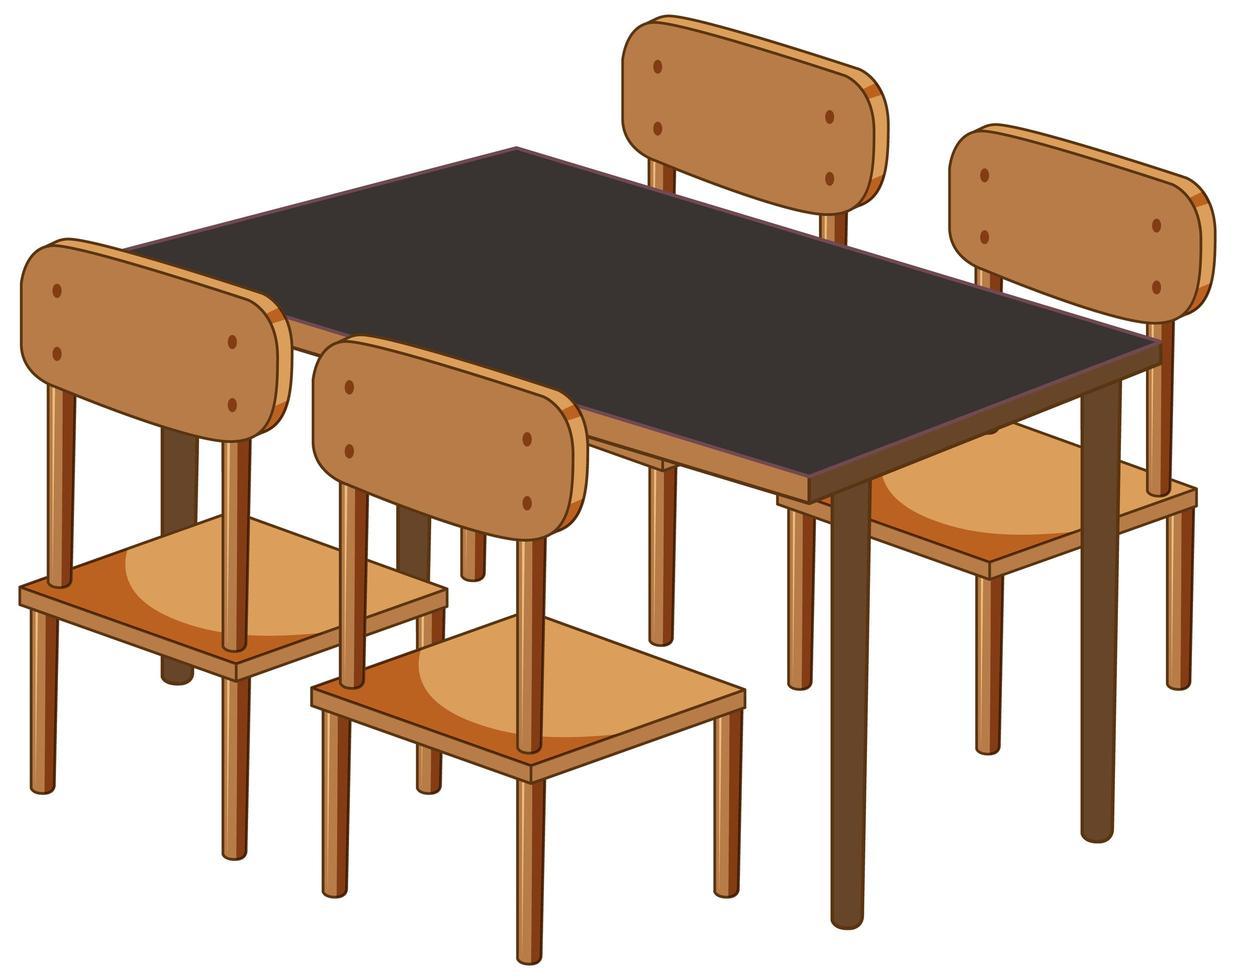 ein Schreibtisch mit vier Stühlen lokalisiert auf weißem Hintergrund vektor